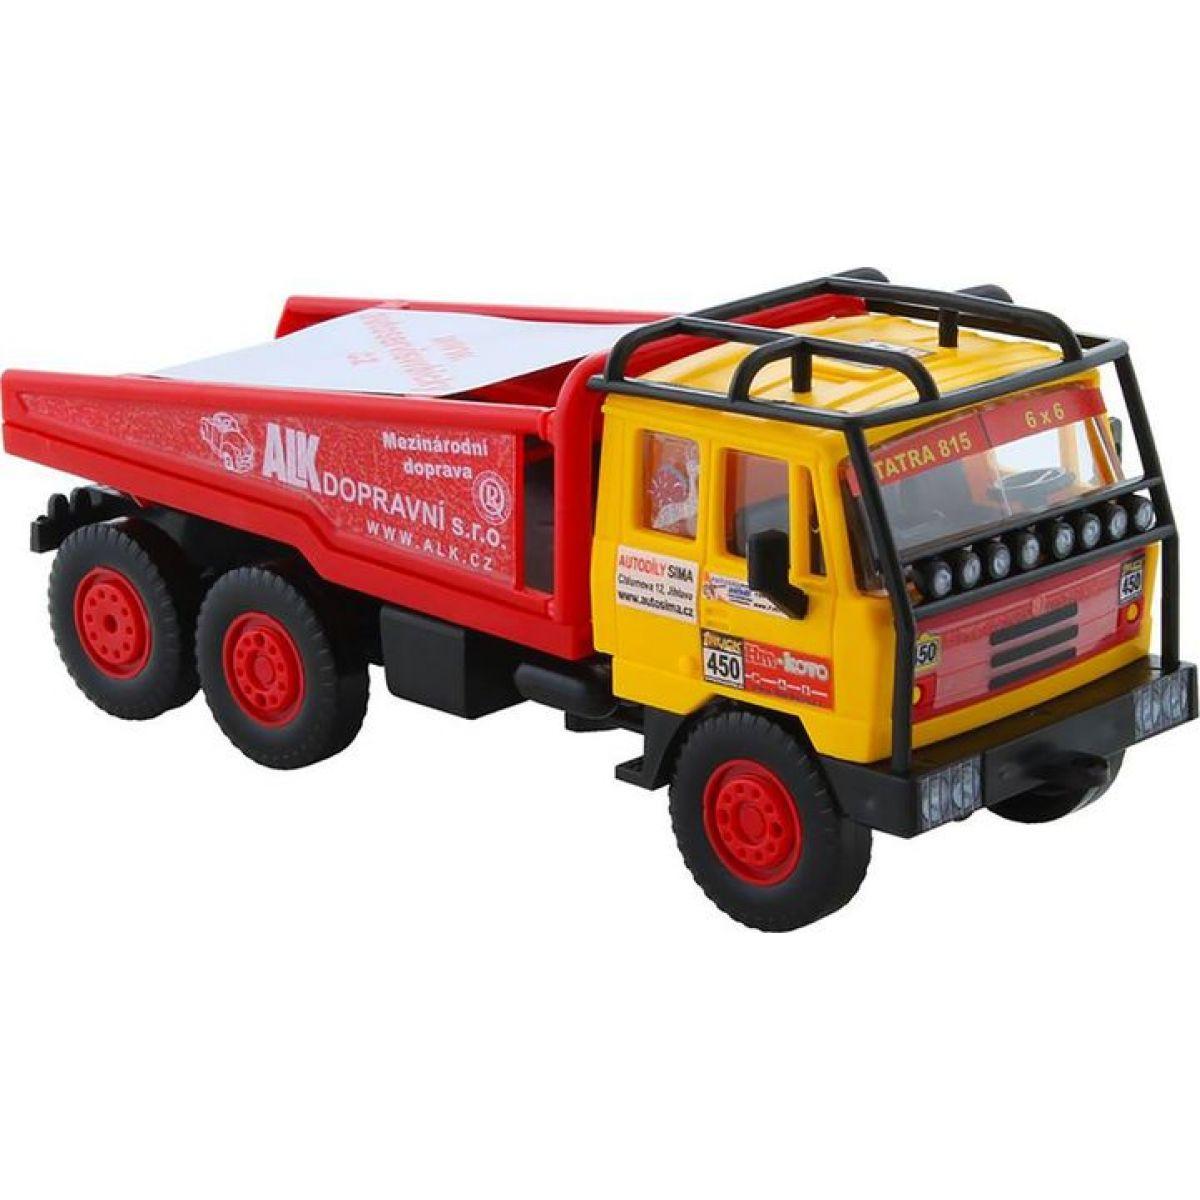 Monti System 76 Tatra Truck Trial 1:48